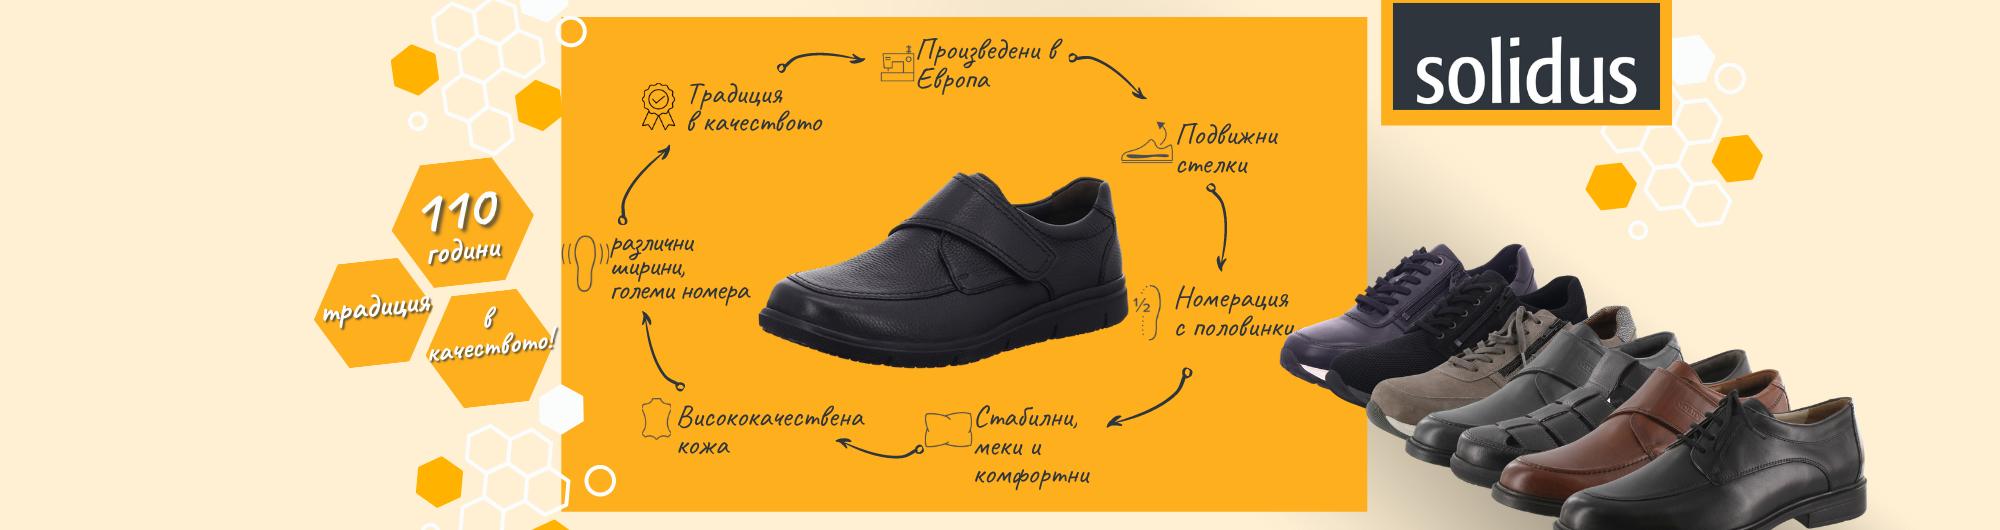 Мъжки обувки Solidus 2021